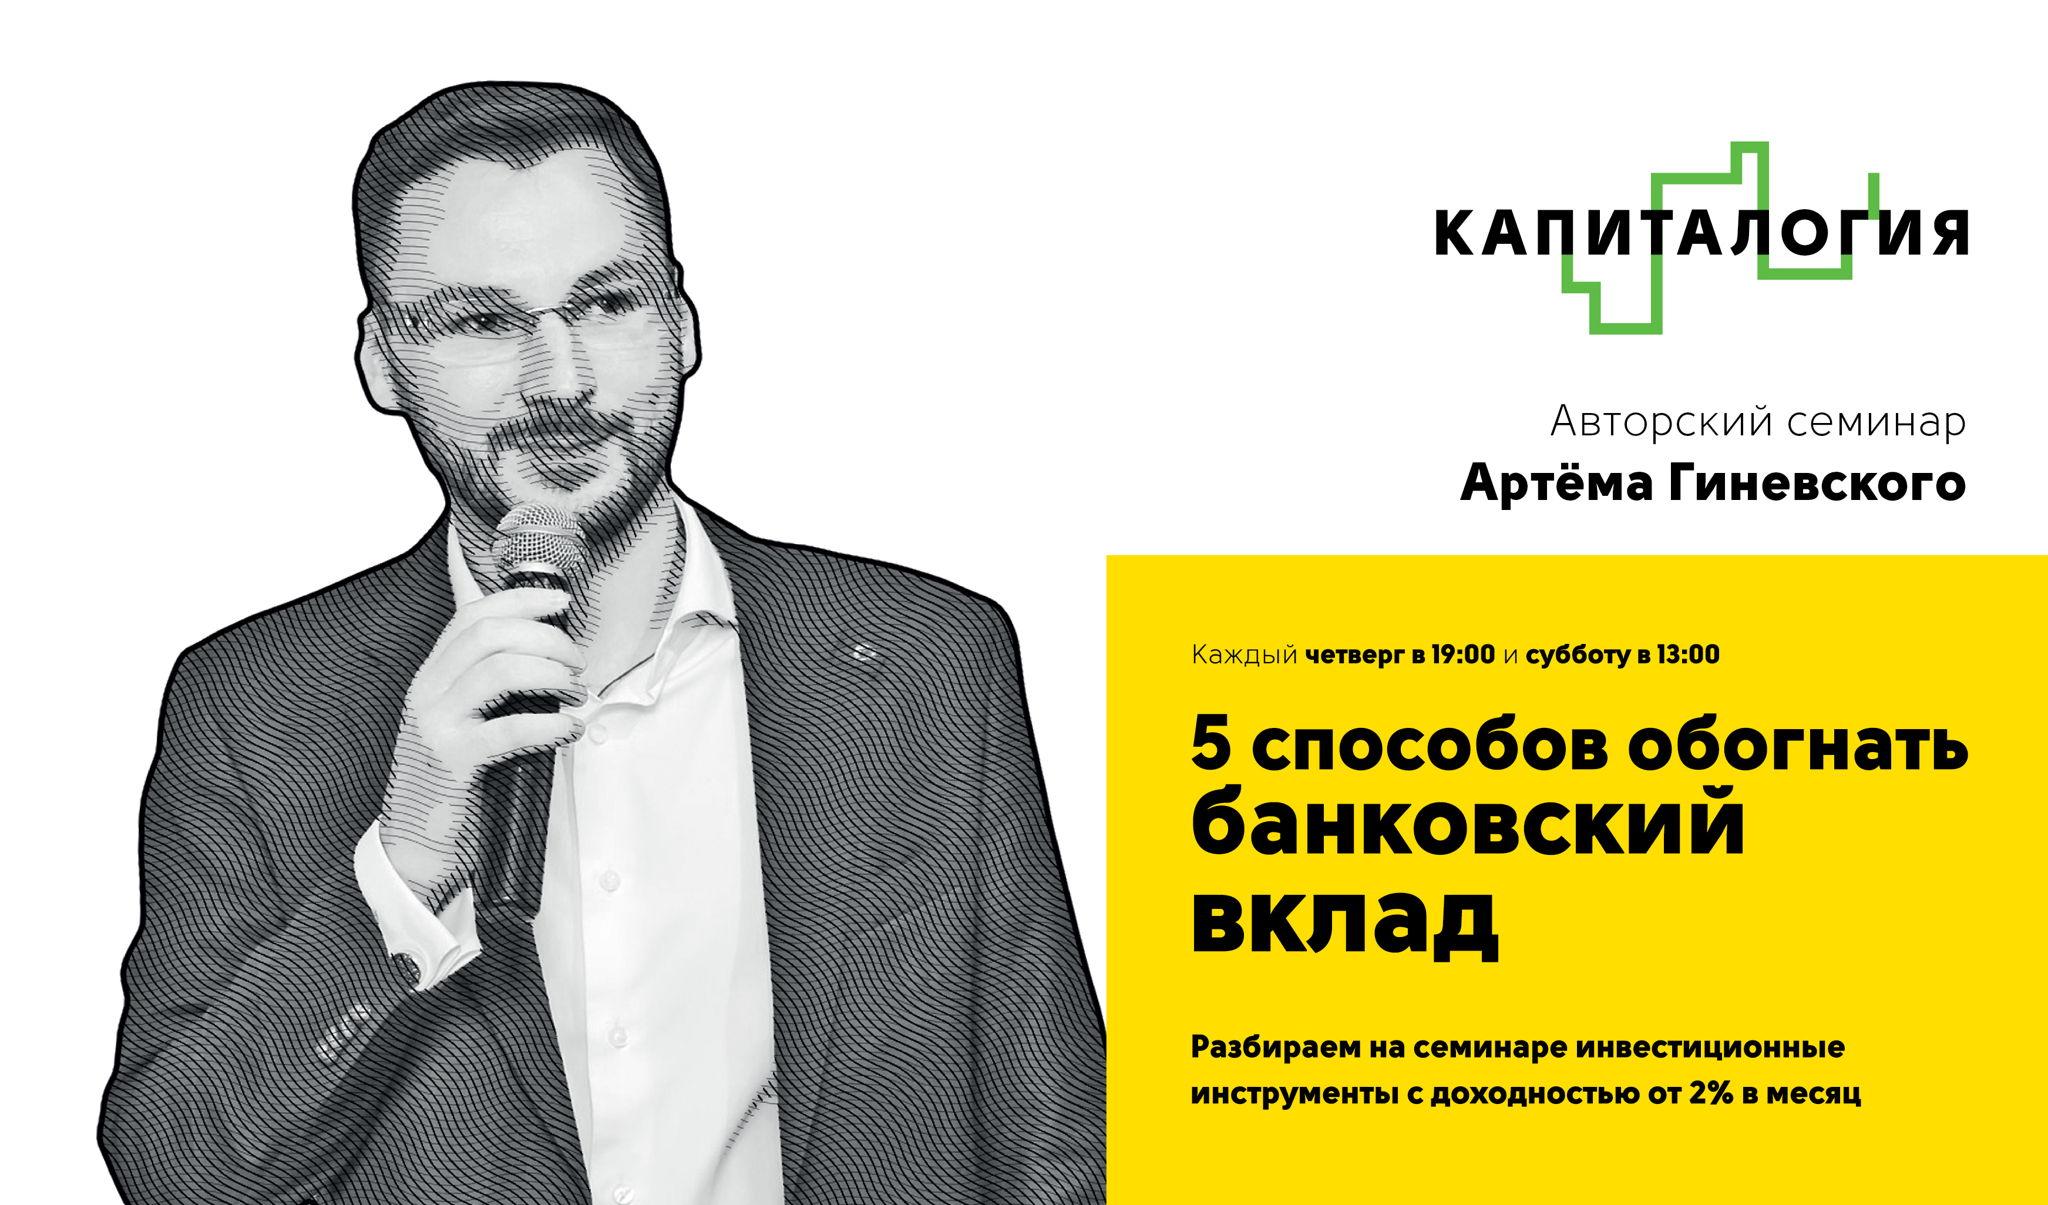 Артем Гиневский афиша